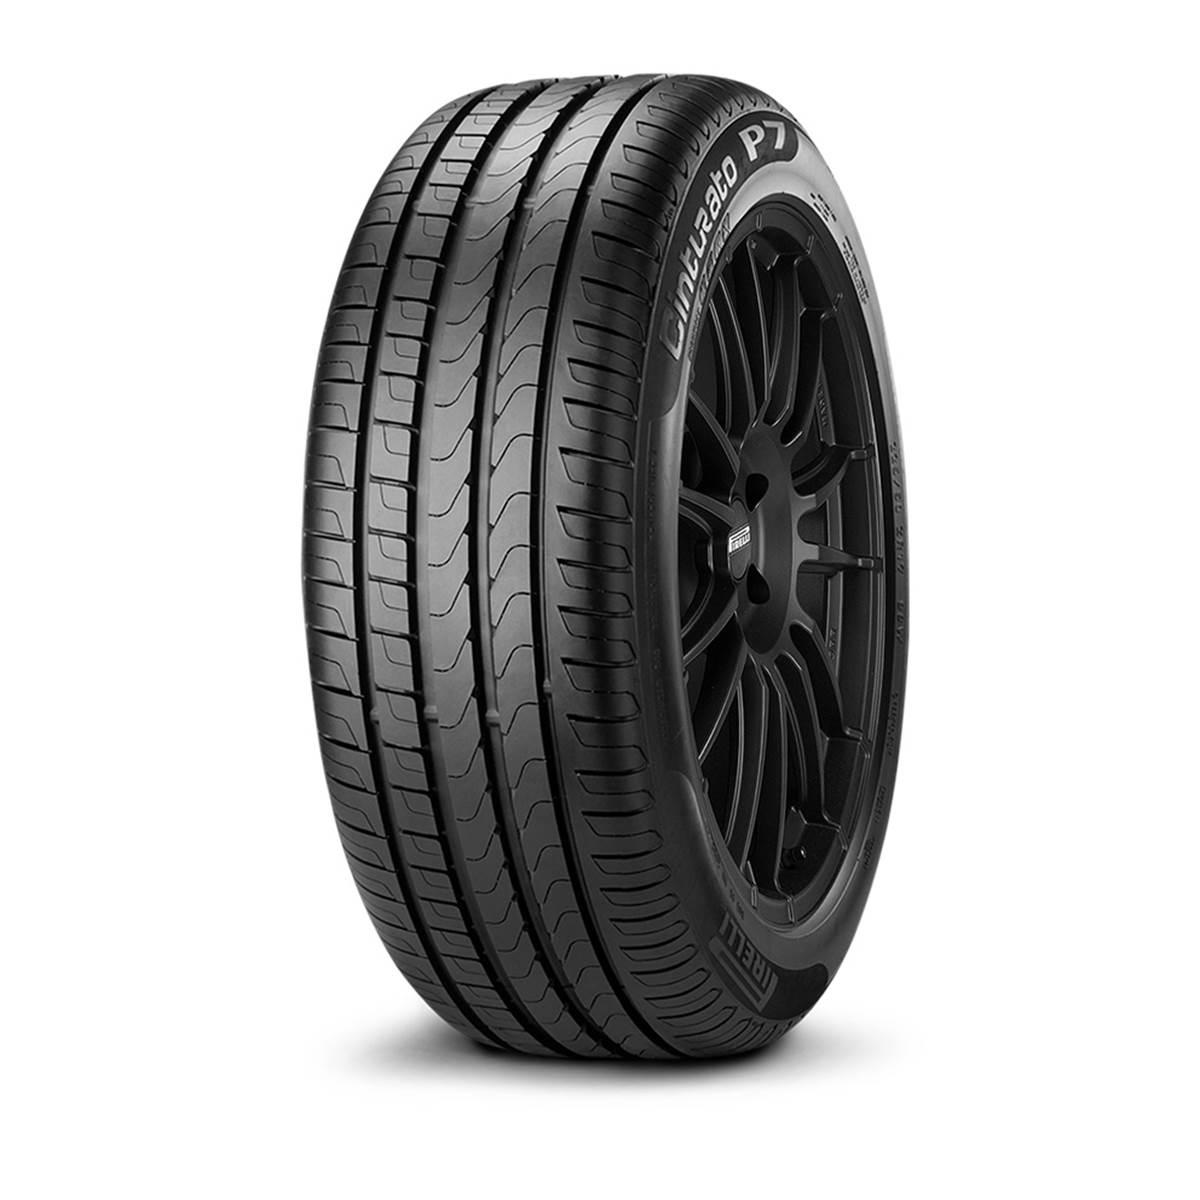 Pneu Runflat Pirelli 245/45R18 96Y Cinturato P7